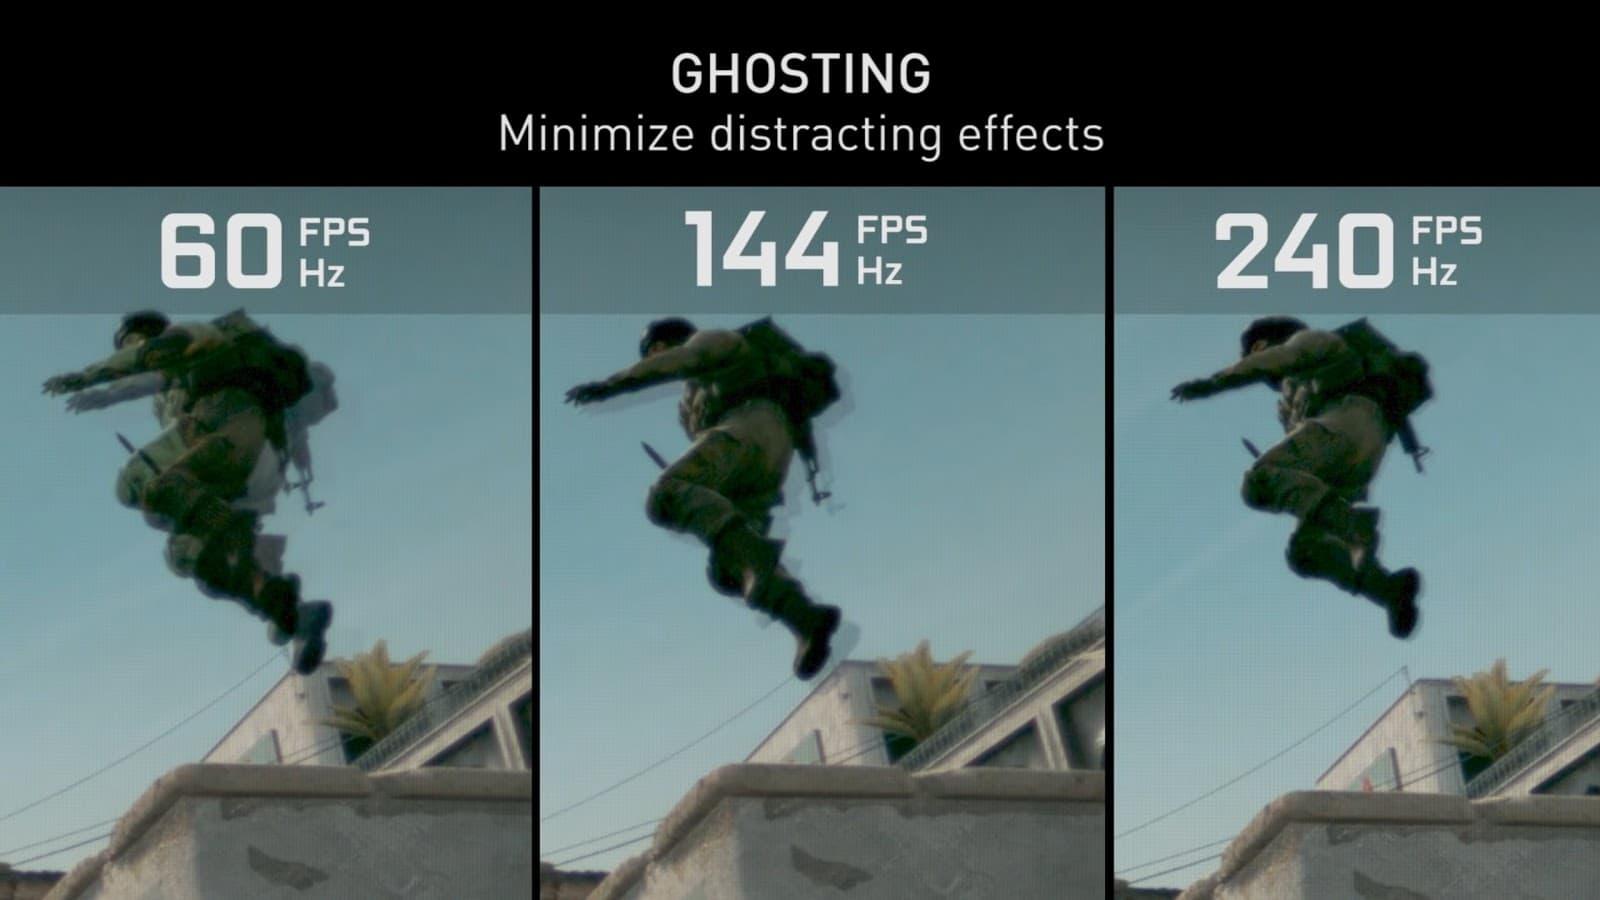 60hz vs 144hz ghosting